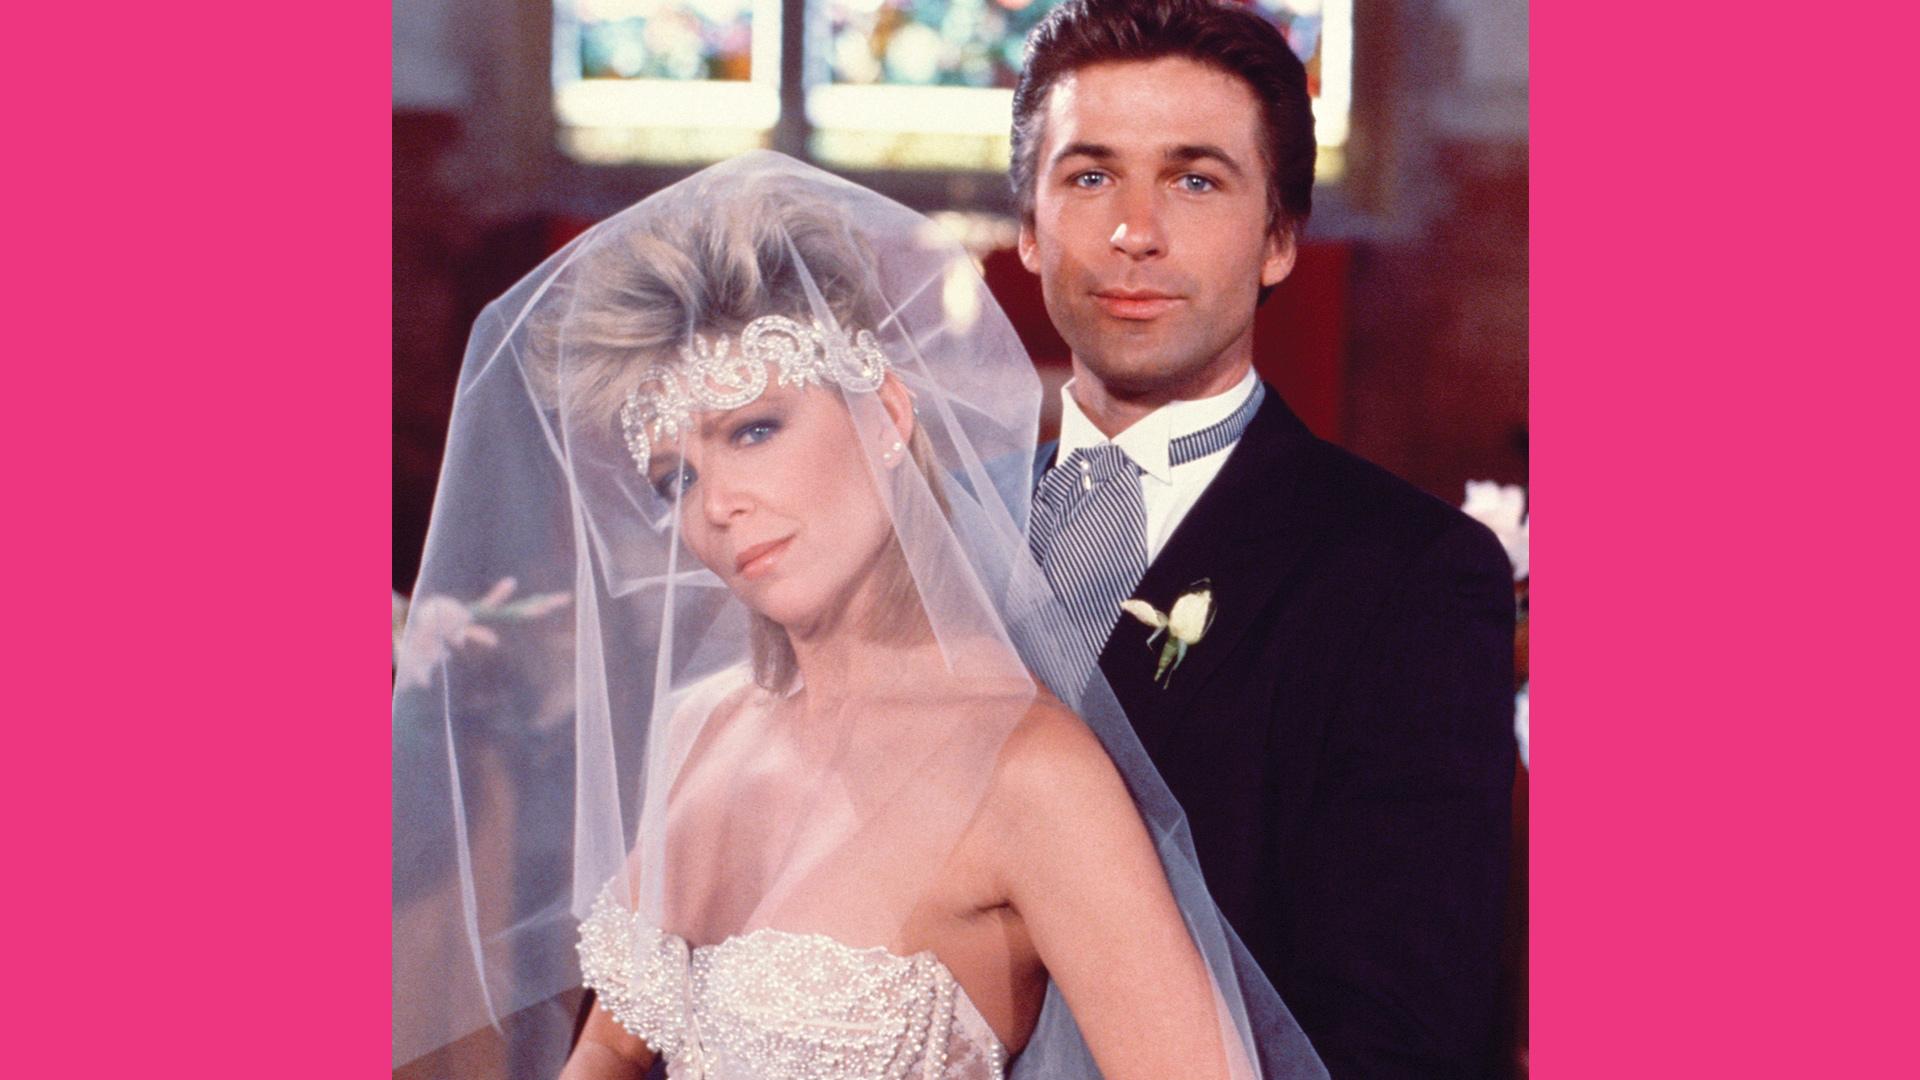 Lisa Hartman as Cathy Geary and Alec Baldwin as Joshua Rush